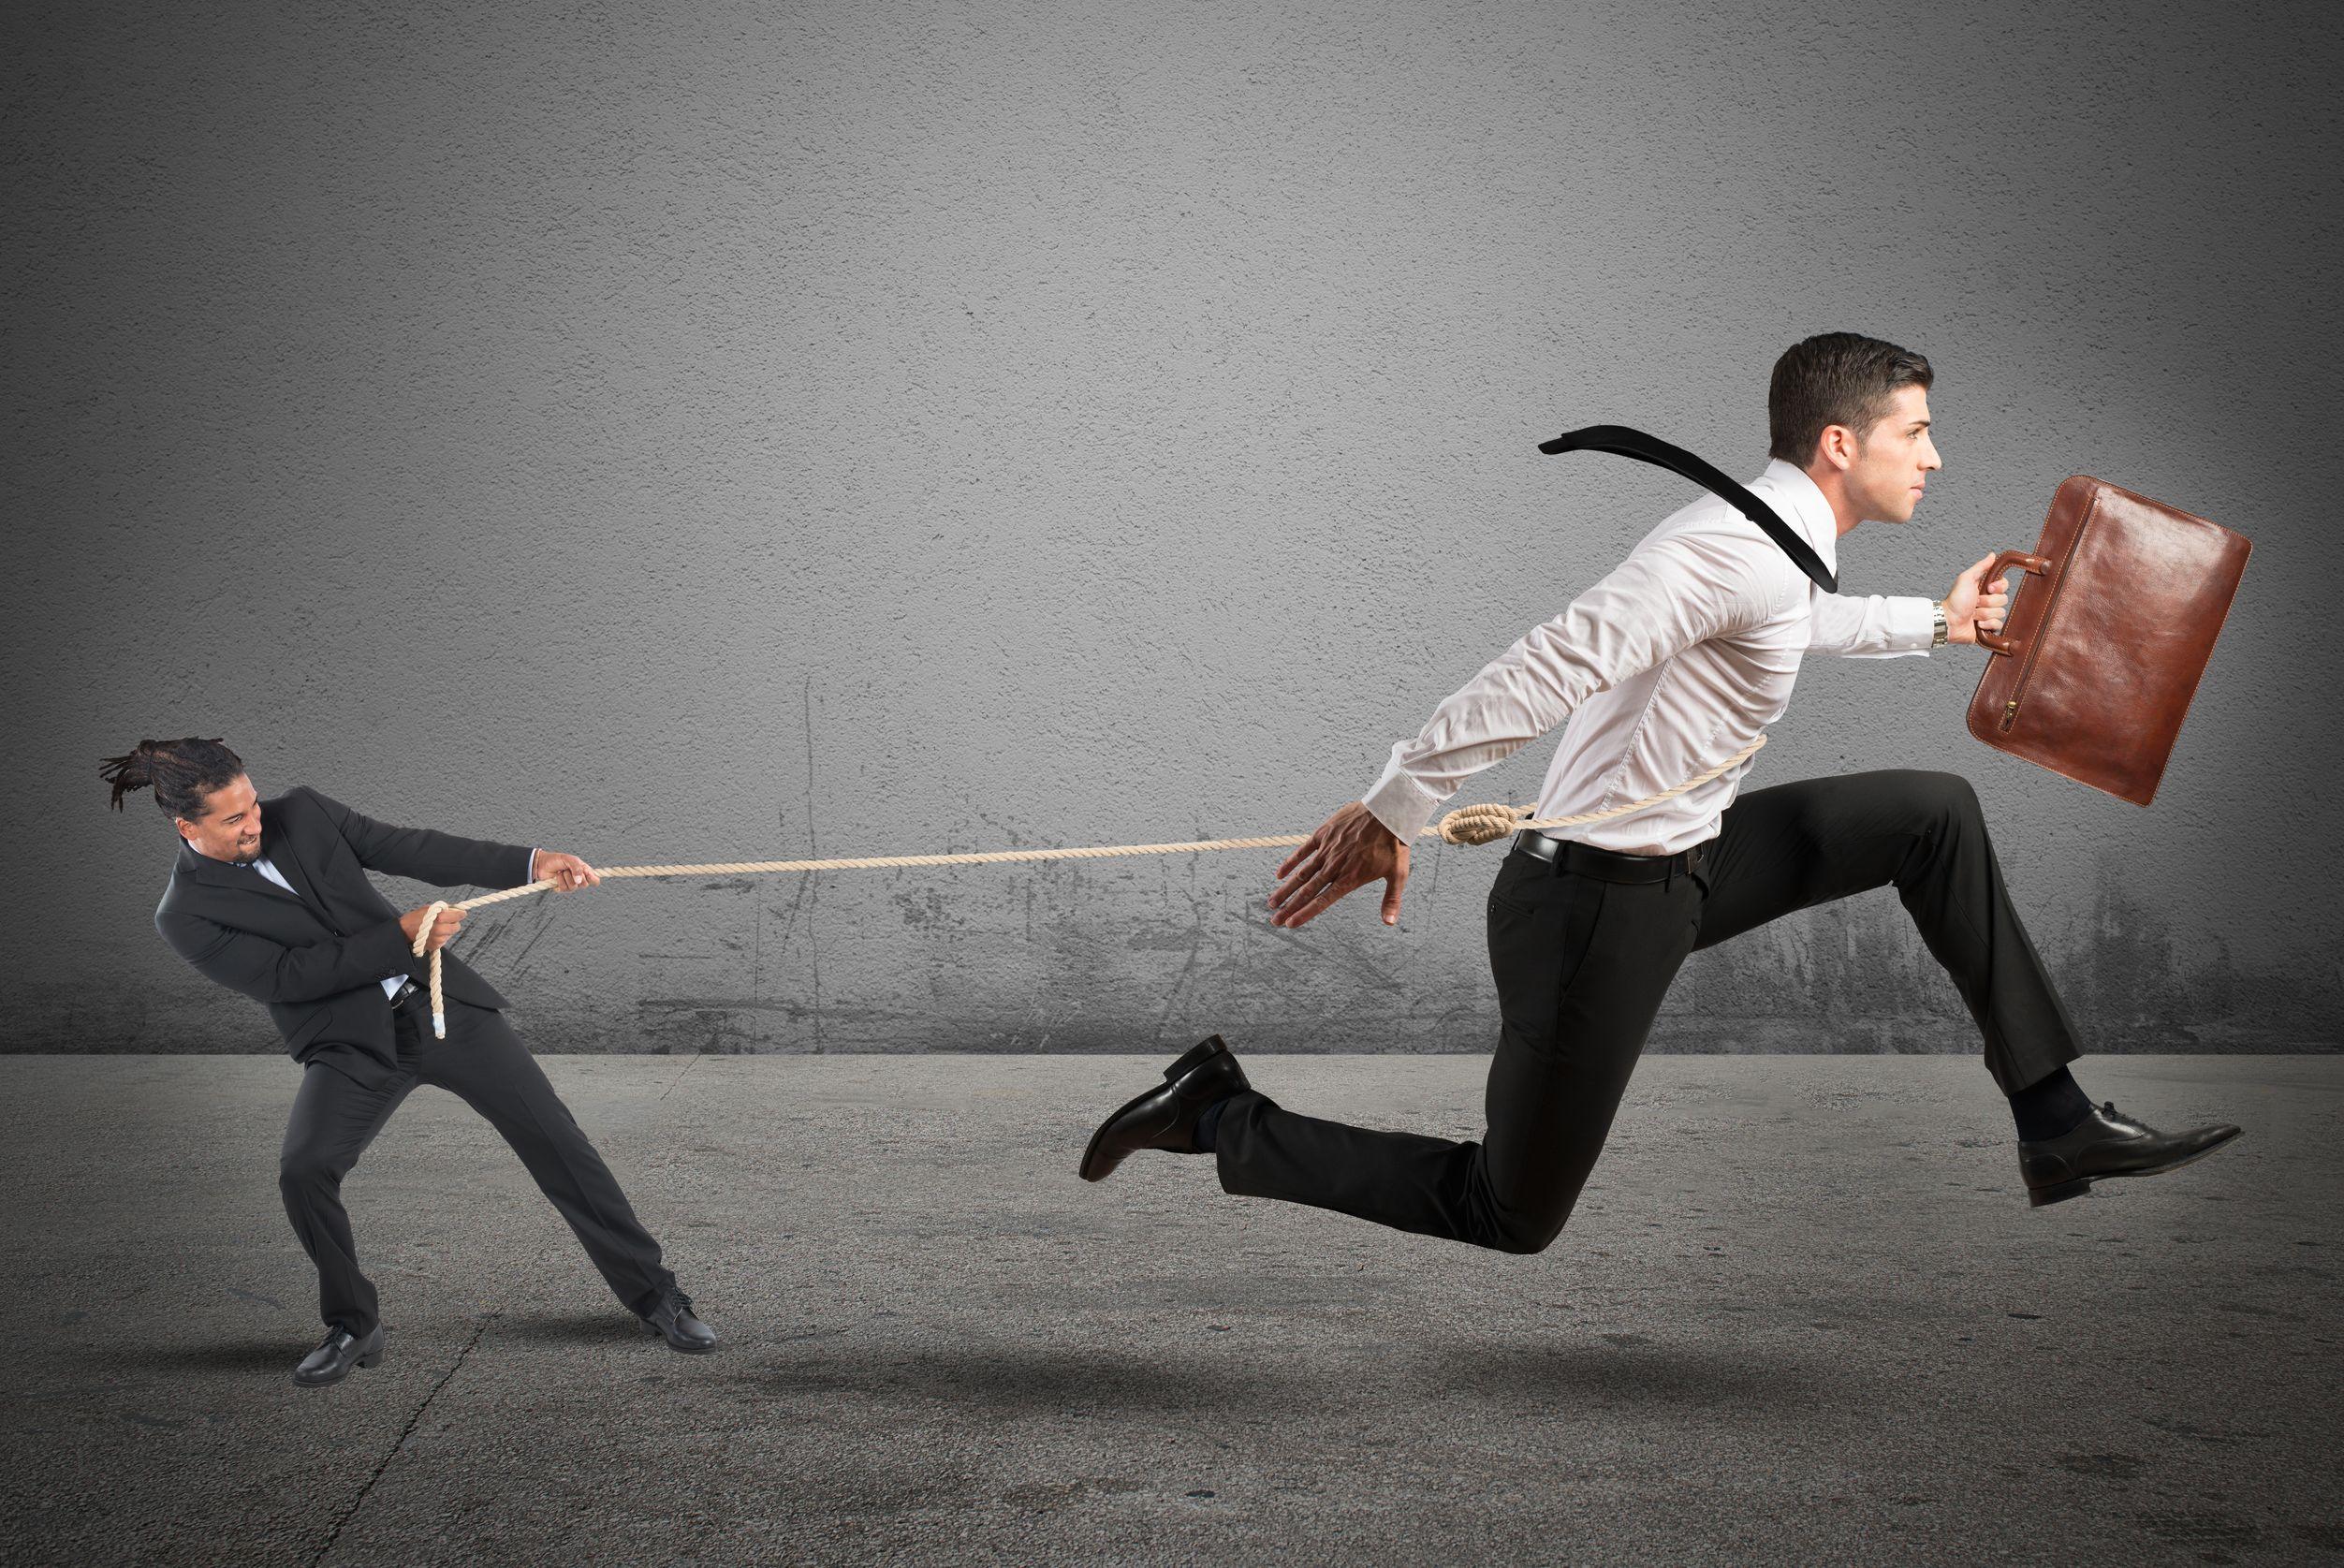 newshowbiz.com - Rất nhiều doanh nghiệp gặp khó khăn với tình trạng nghỉ việc của nhân viên